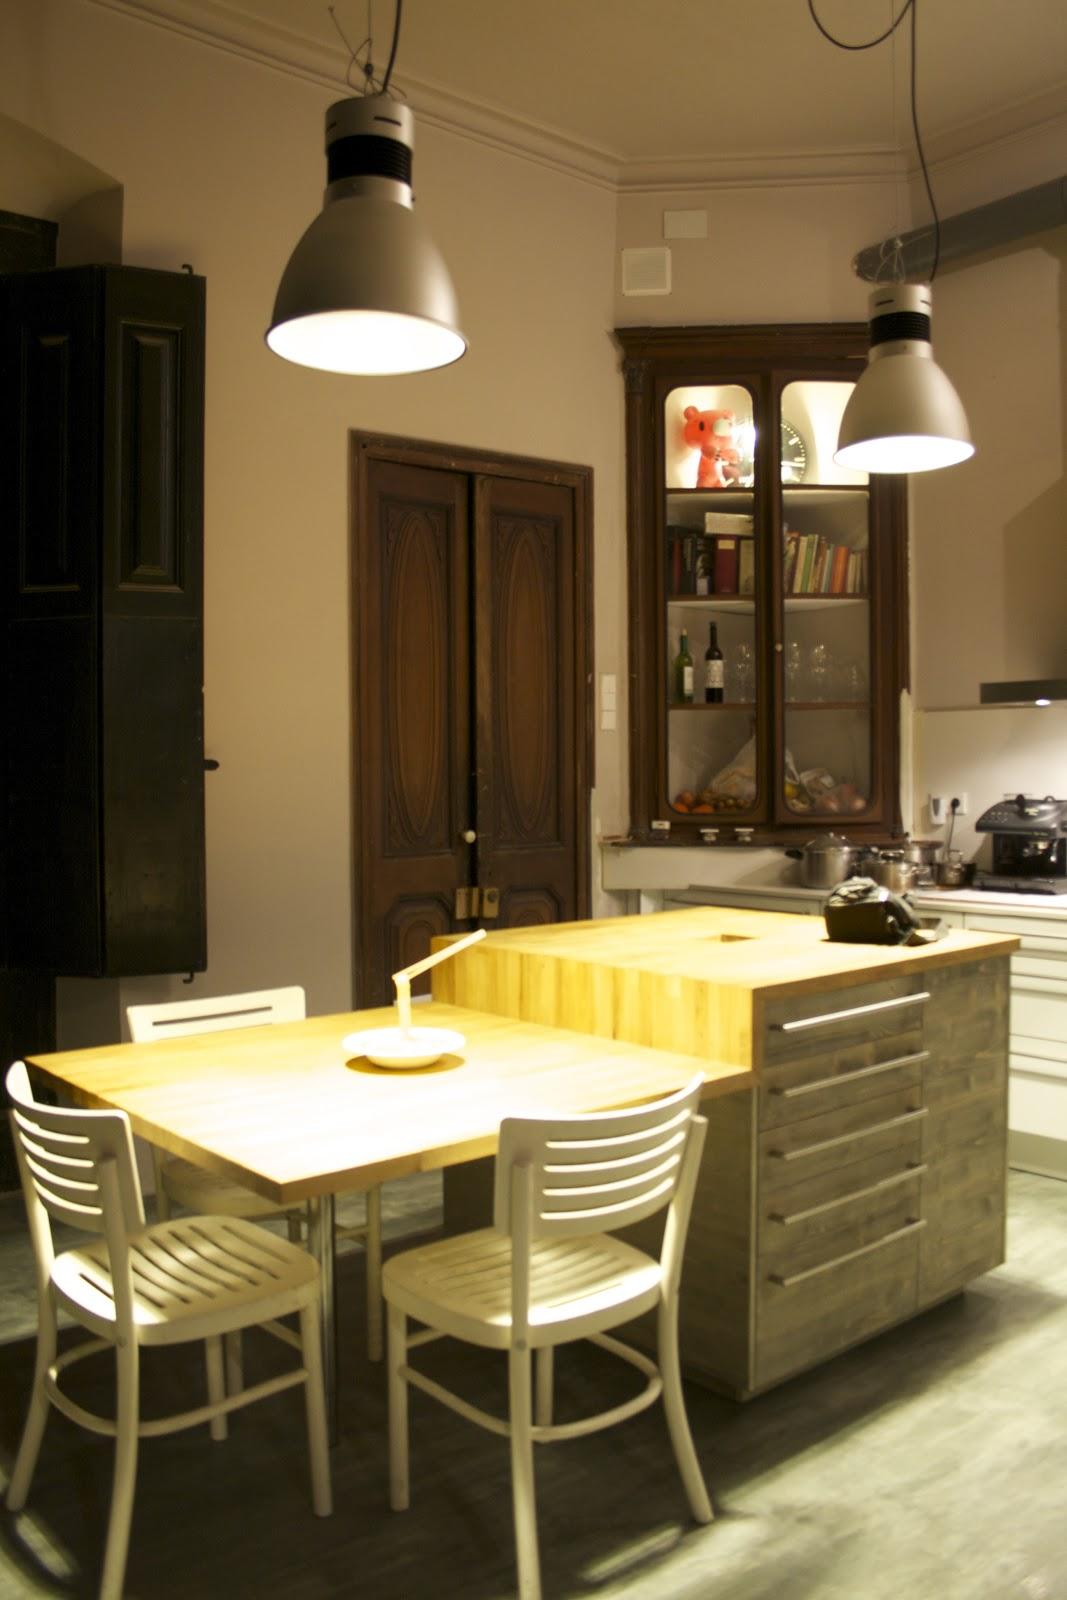 Atractivo Alfombras Bajo Mesa De La Cocina Ideas - Como Decorar la ...